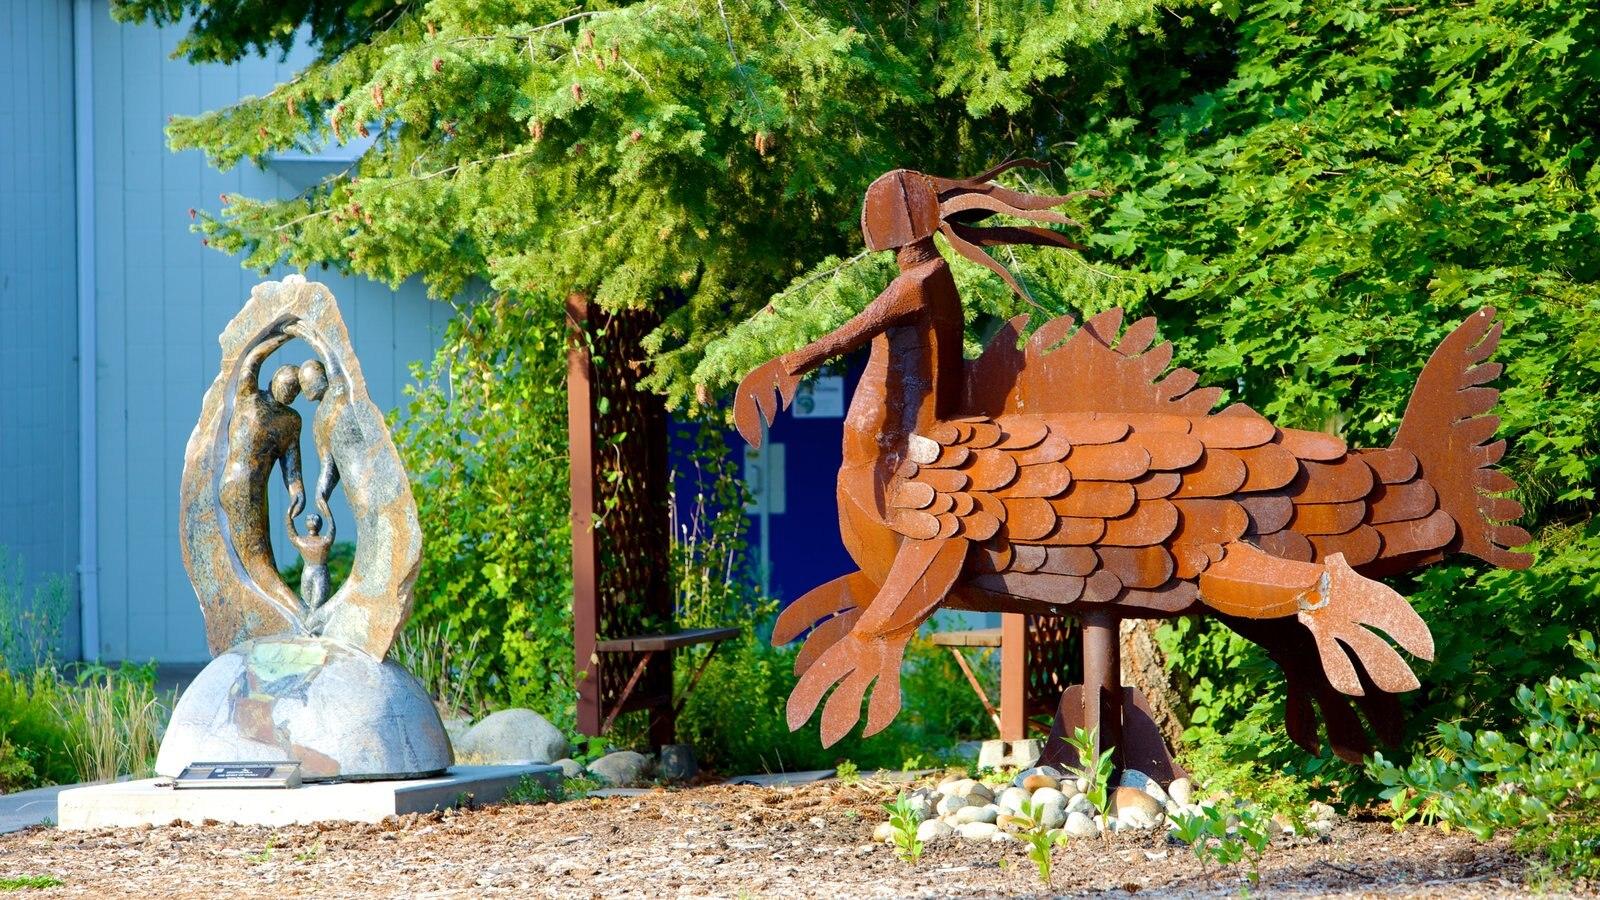 Kootenay Gallery que inclui arte ao ar livre e uma estátua ou escultura